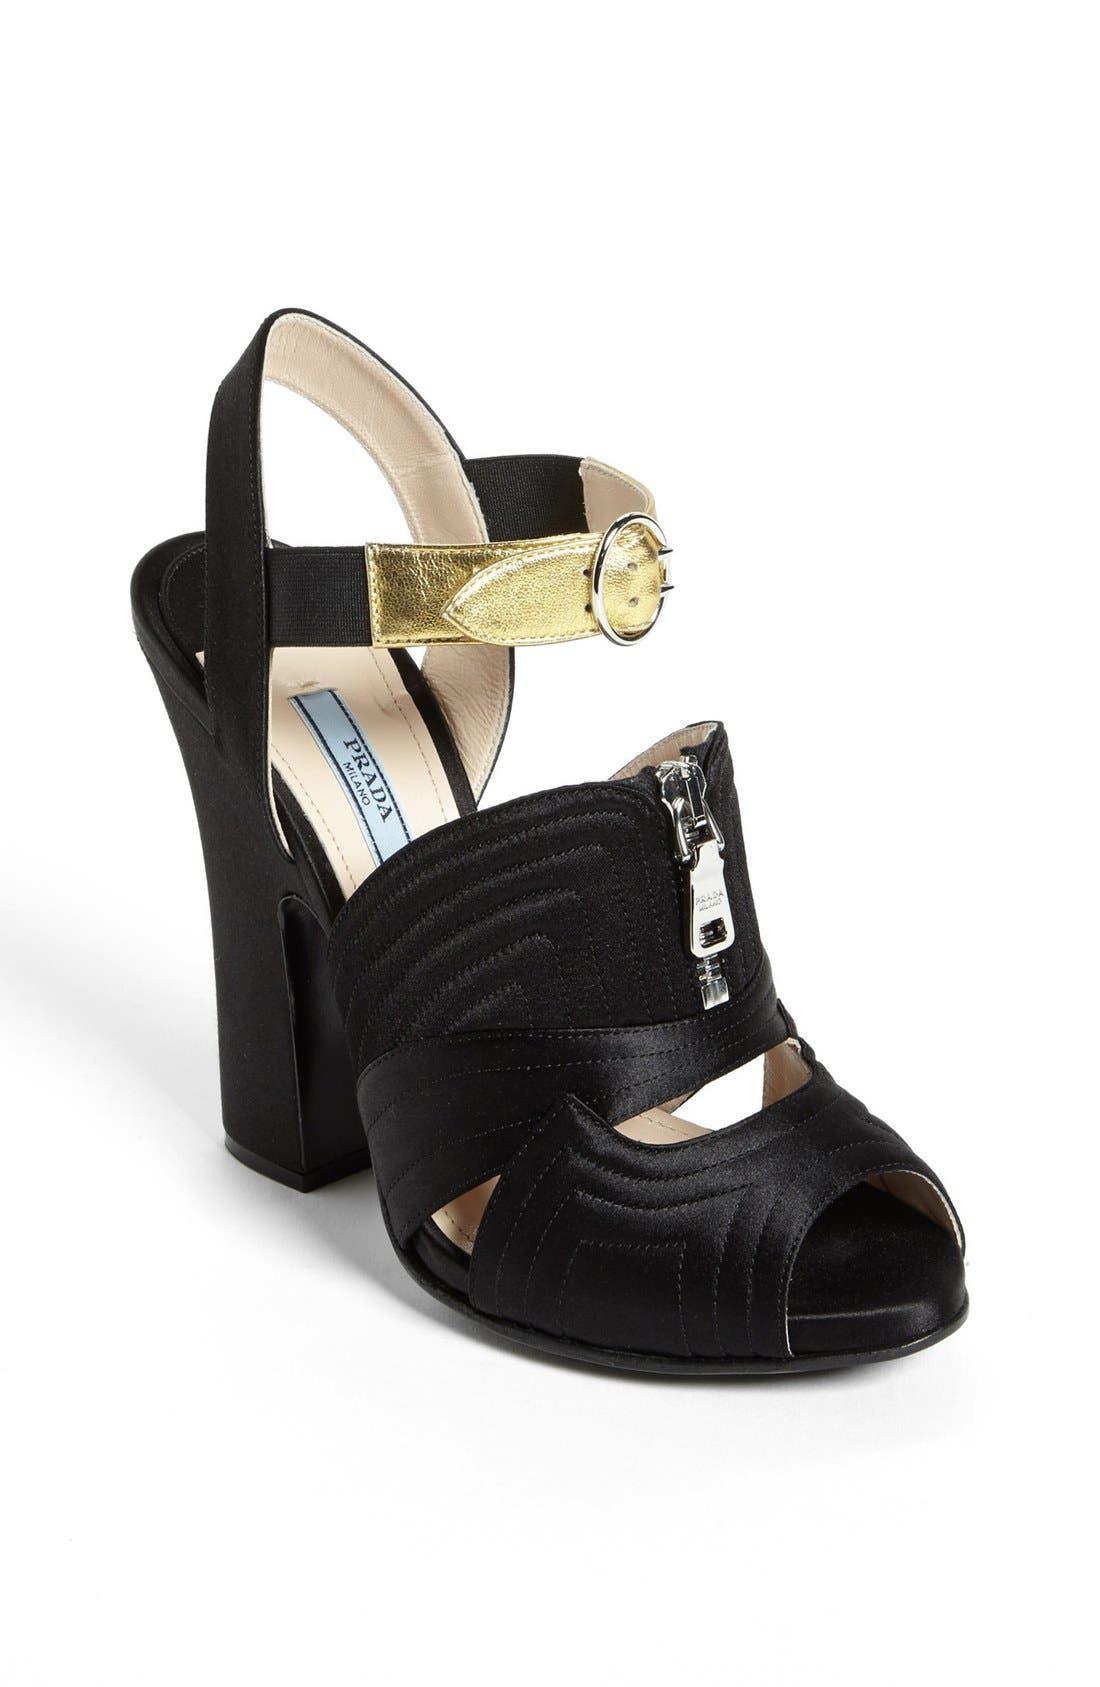 Alternate Image 1 Selected - Prada Quilted Zipper Sandal